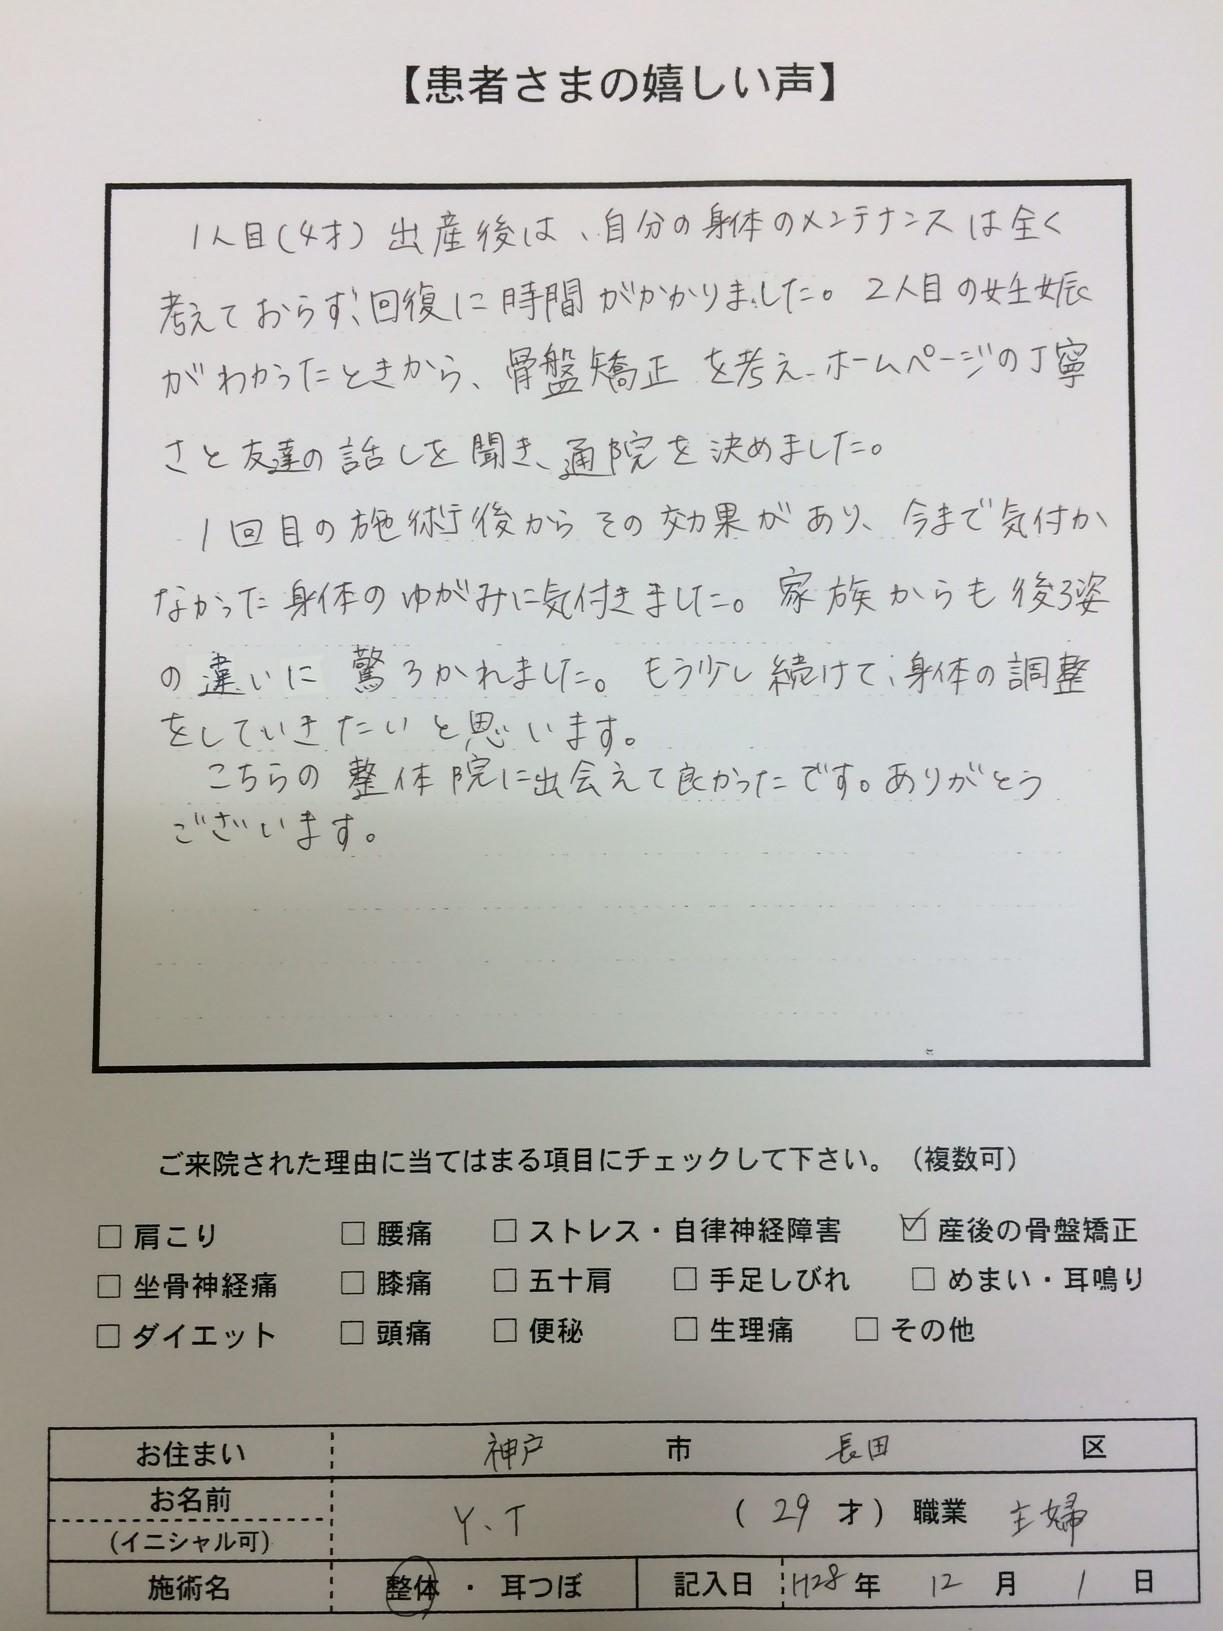 産後骨盤矯正 ⑯神戸市長田区 Y.T様 29才 主婦.jpg